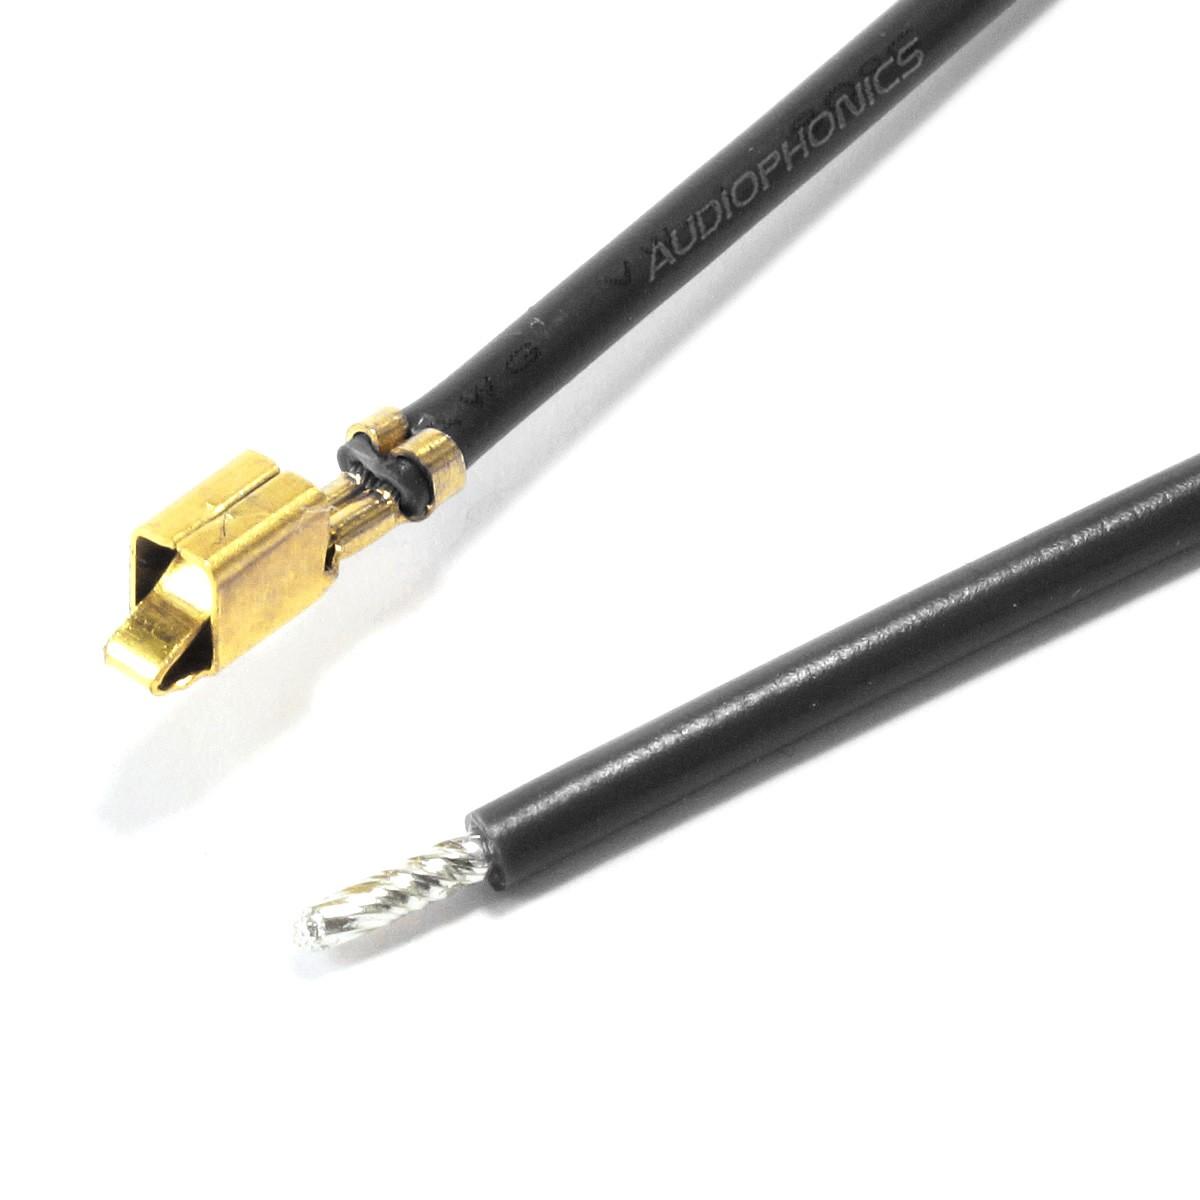 Câble VH 3.96mm Femelle vers Fil Nu Sans Boîtier 1 Pôle Plaqué Or 30cm Noir (x10)